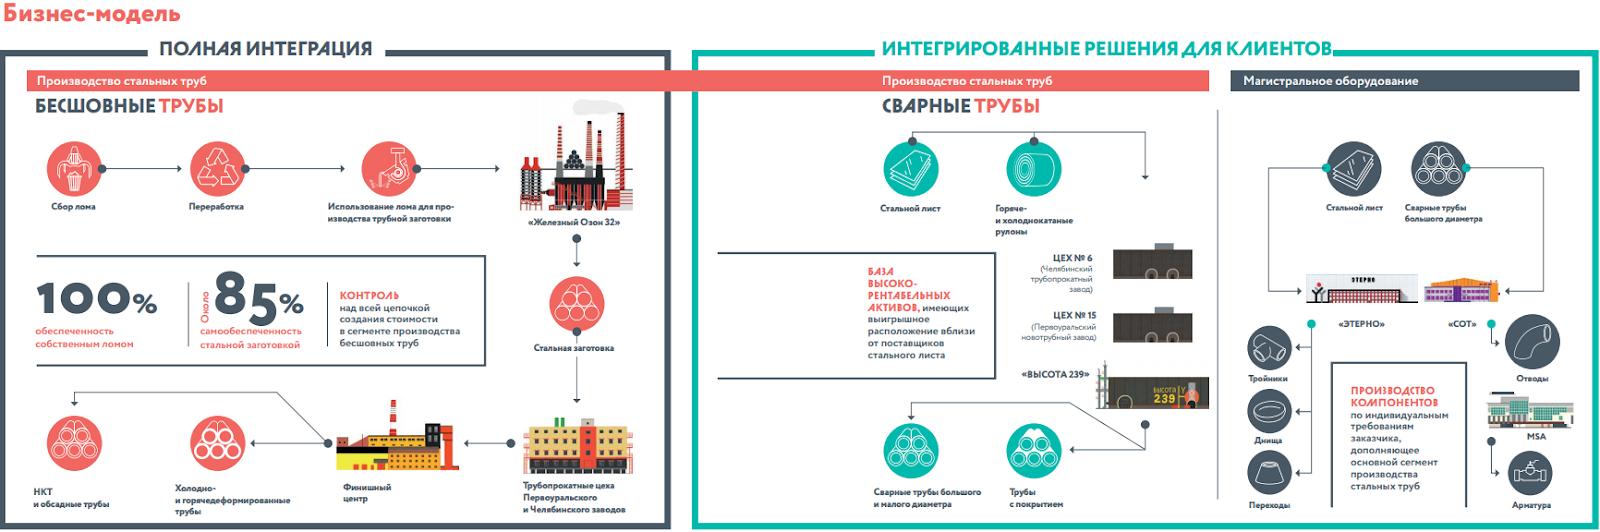 Схема производства ЧТПЗ